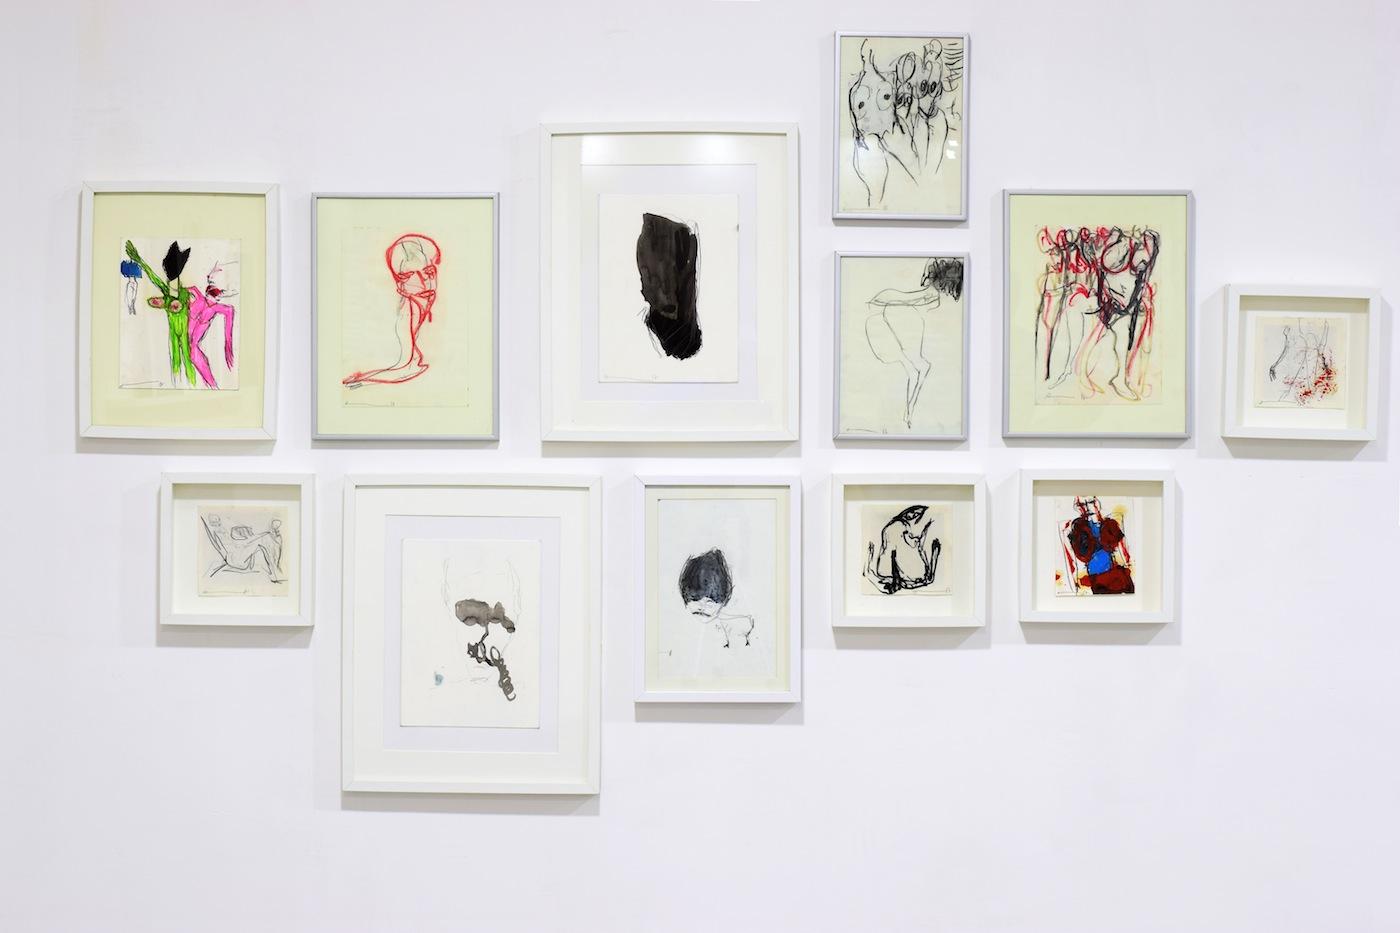 Alexandra Penris, VROUW ZIJN installazione, gessetti e matita su carta 2017